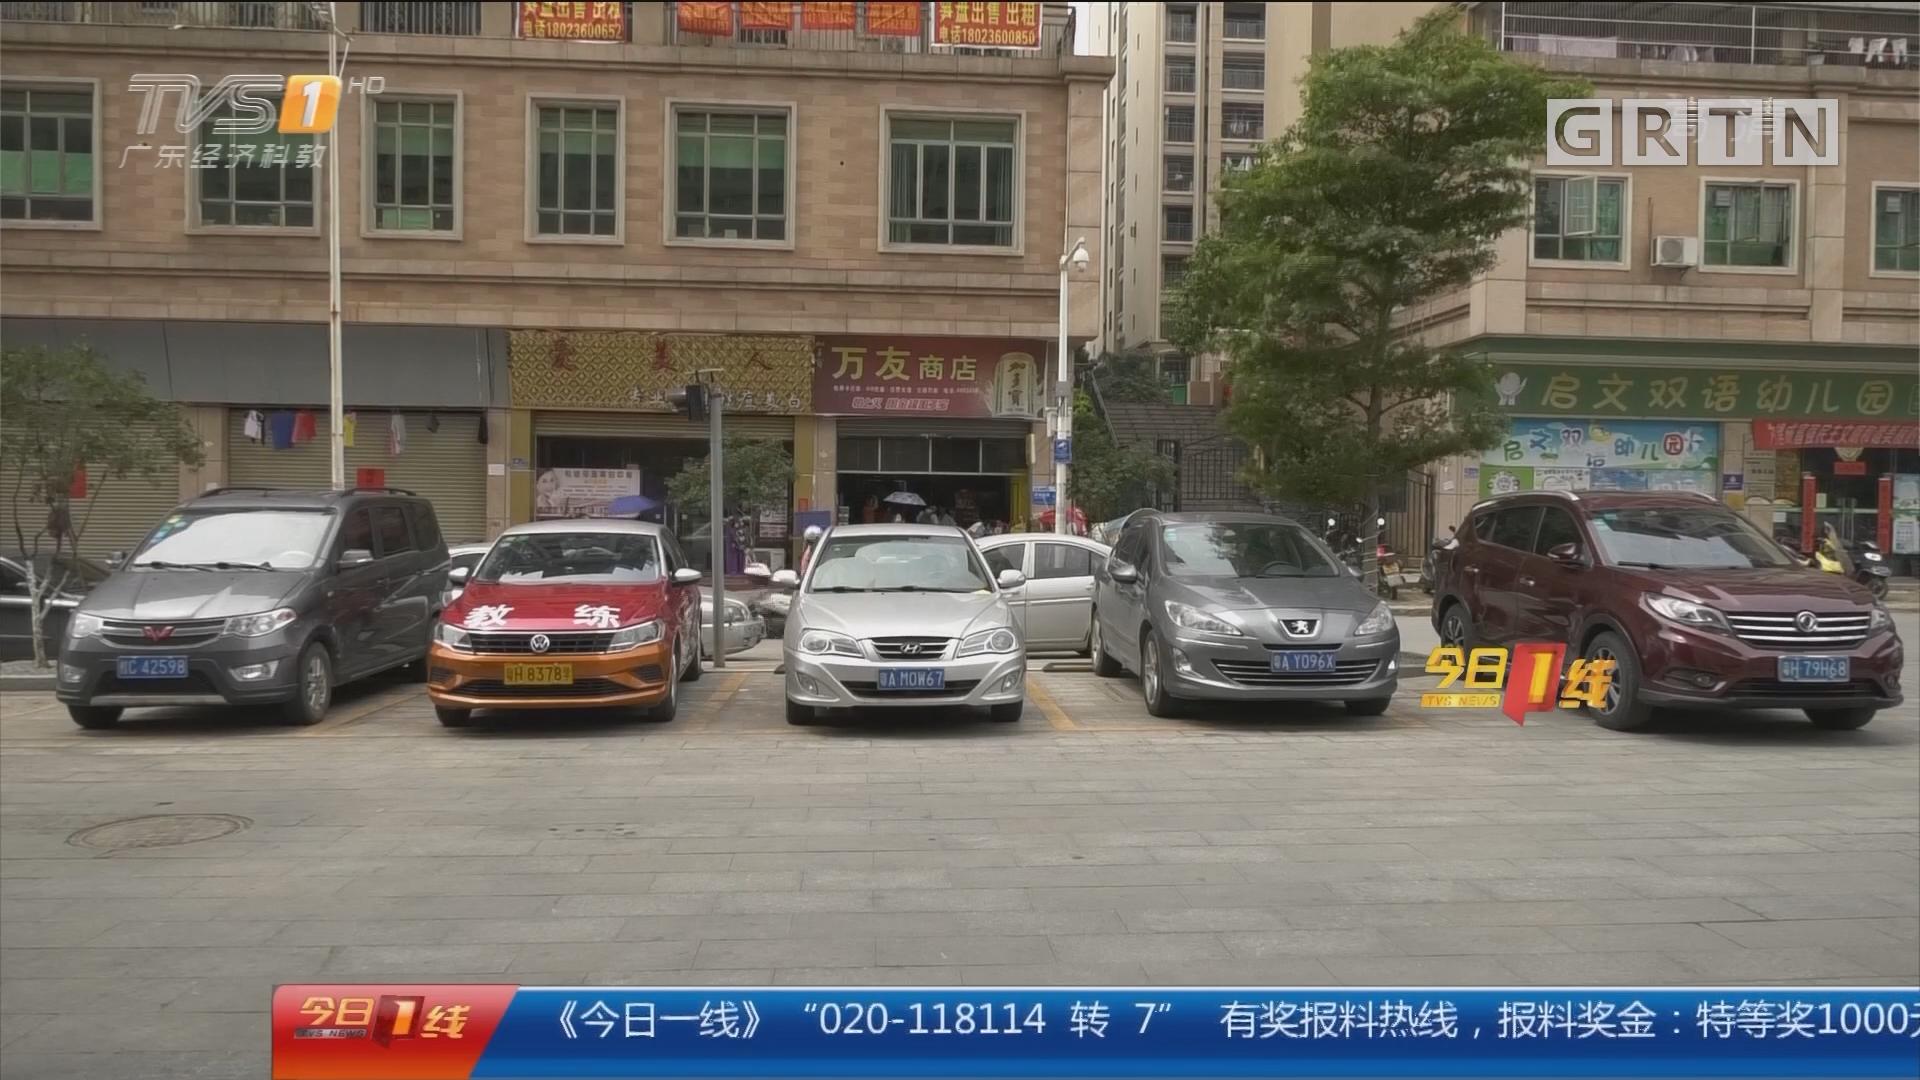 肇庆四会:小女孩当街遭踢打 热心街坊劝阻